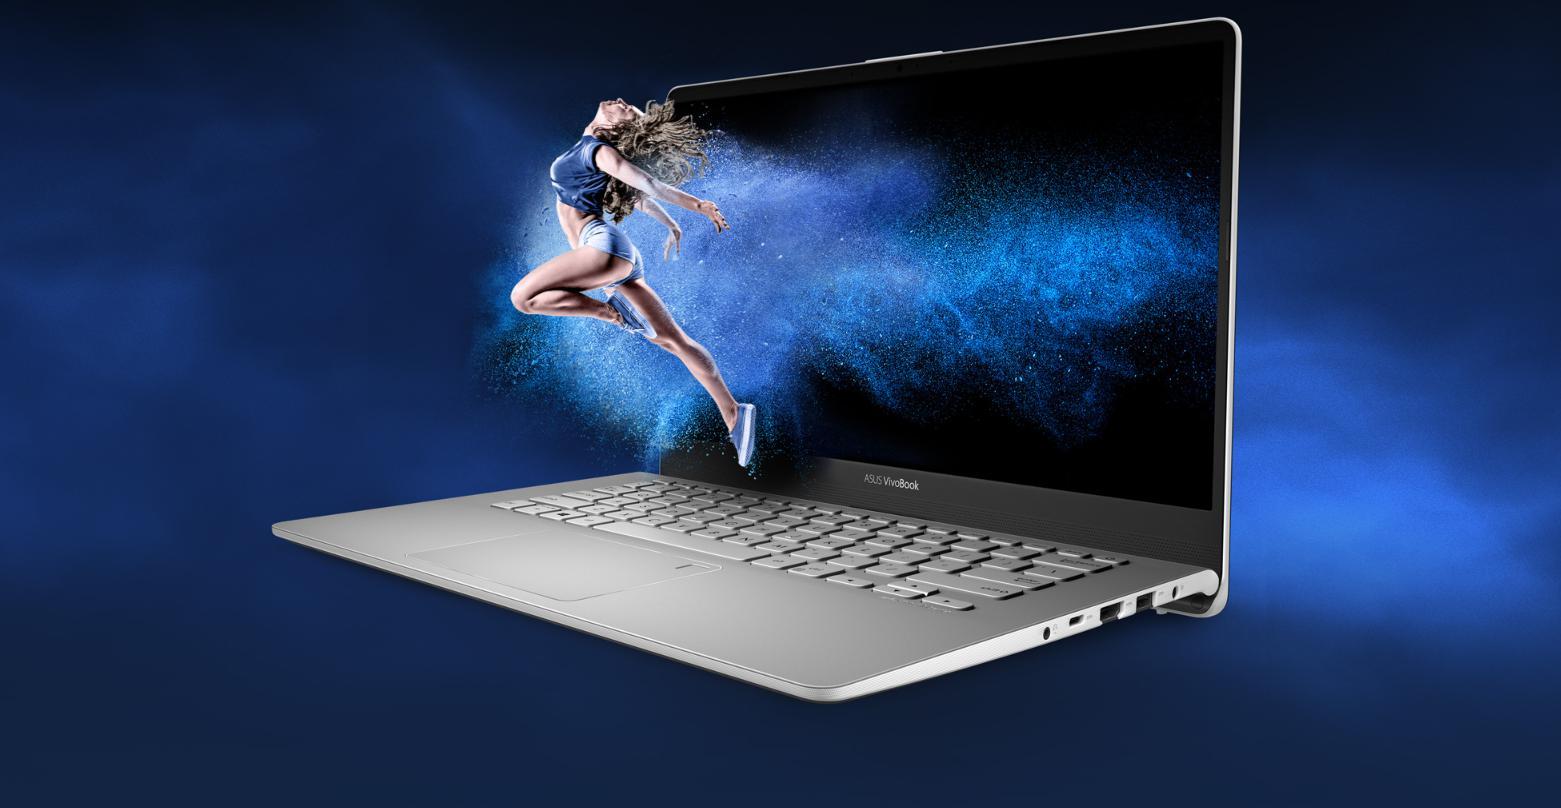 Đánh giá tổng quanLaptop Asus VivoBook S14 S430FA-EB069T 1